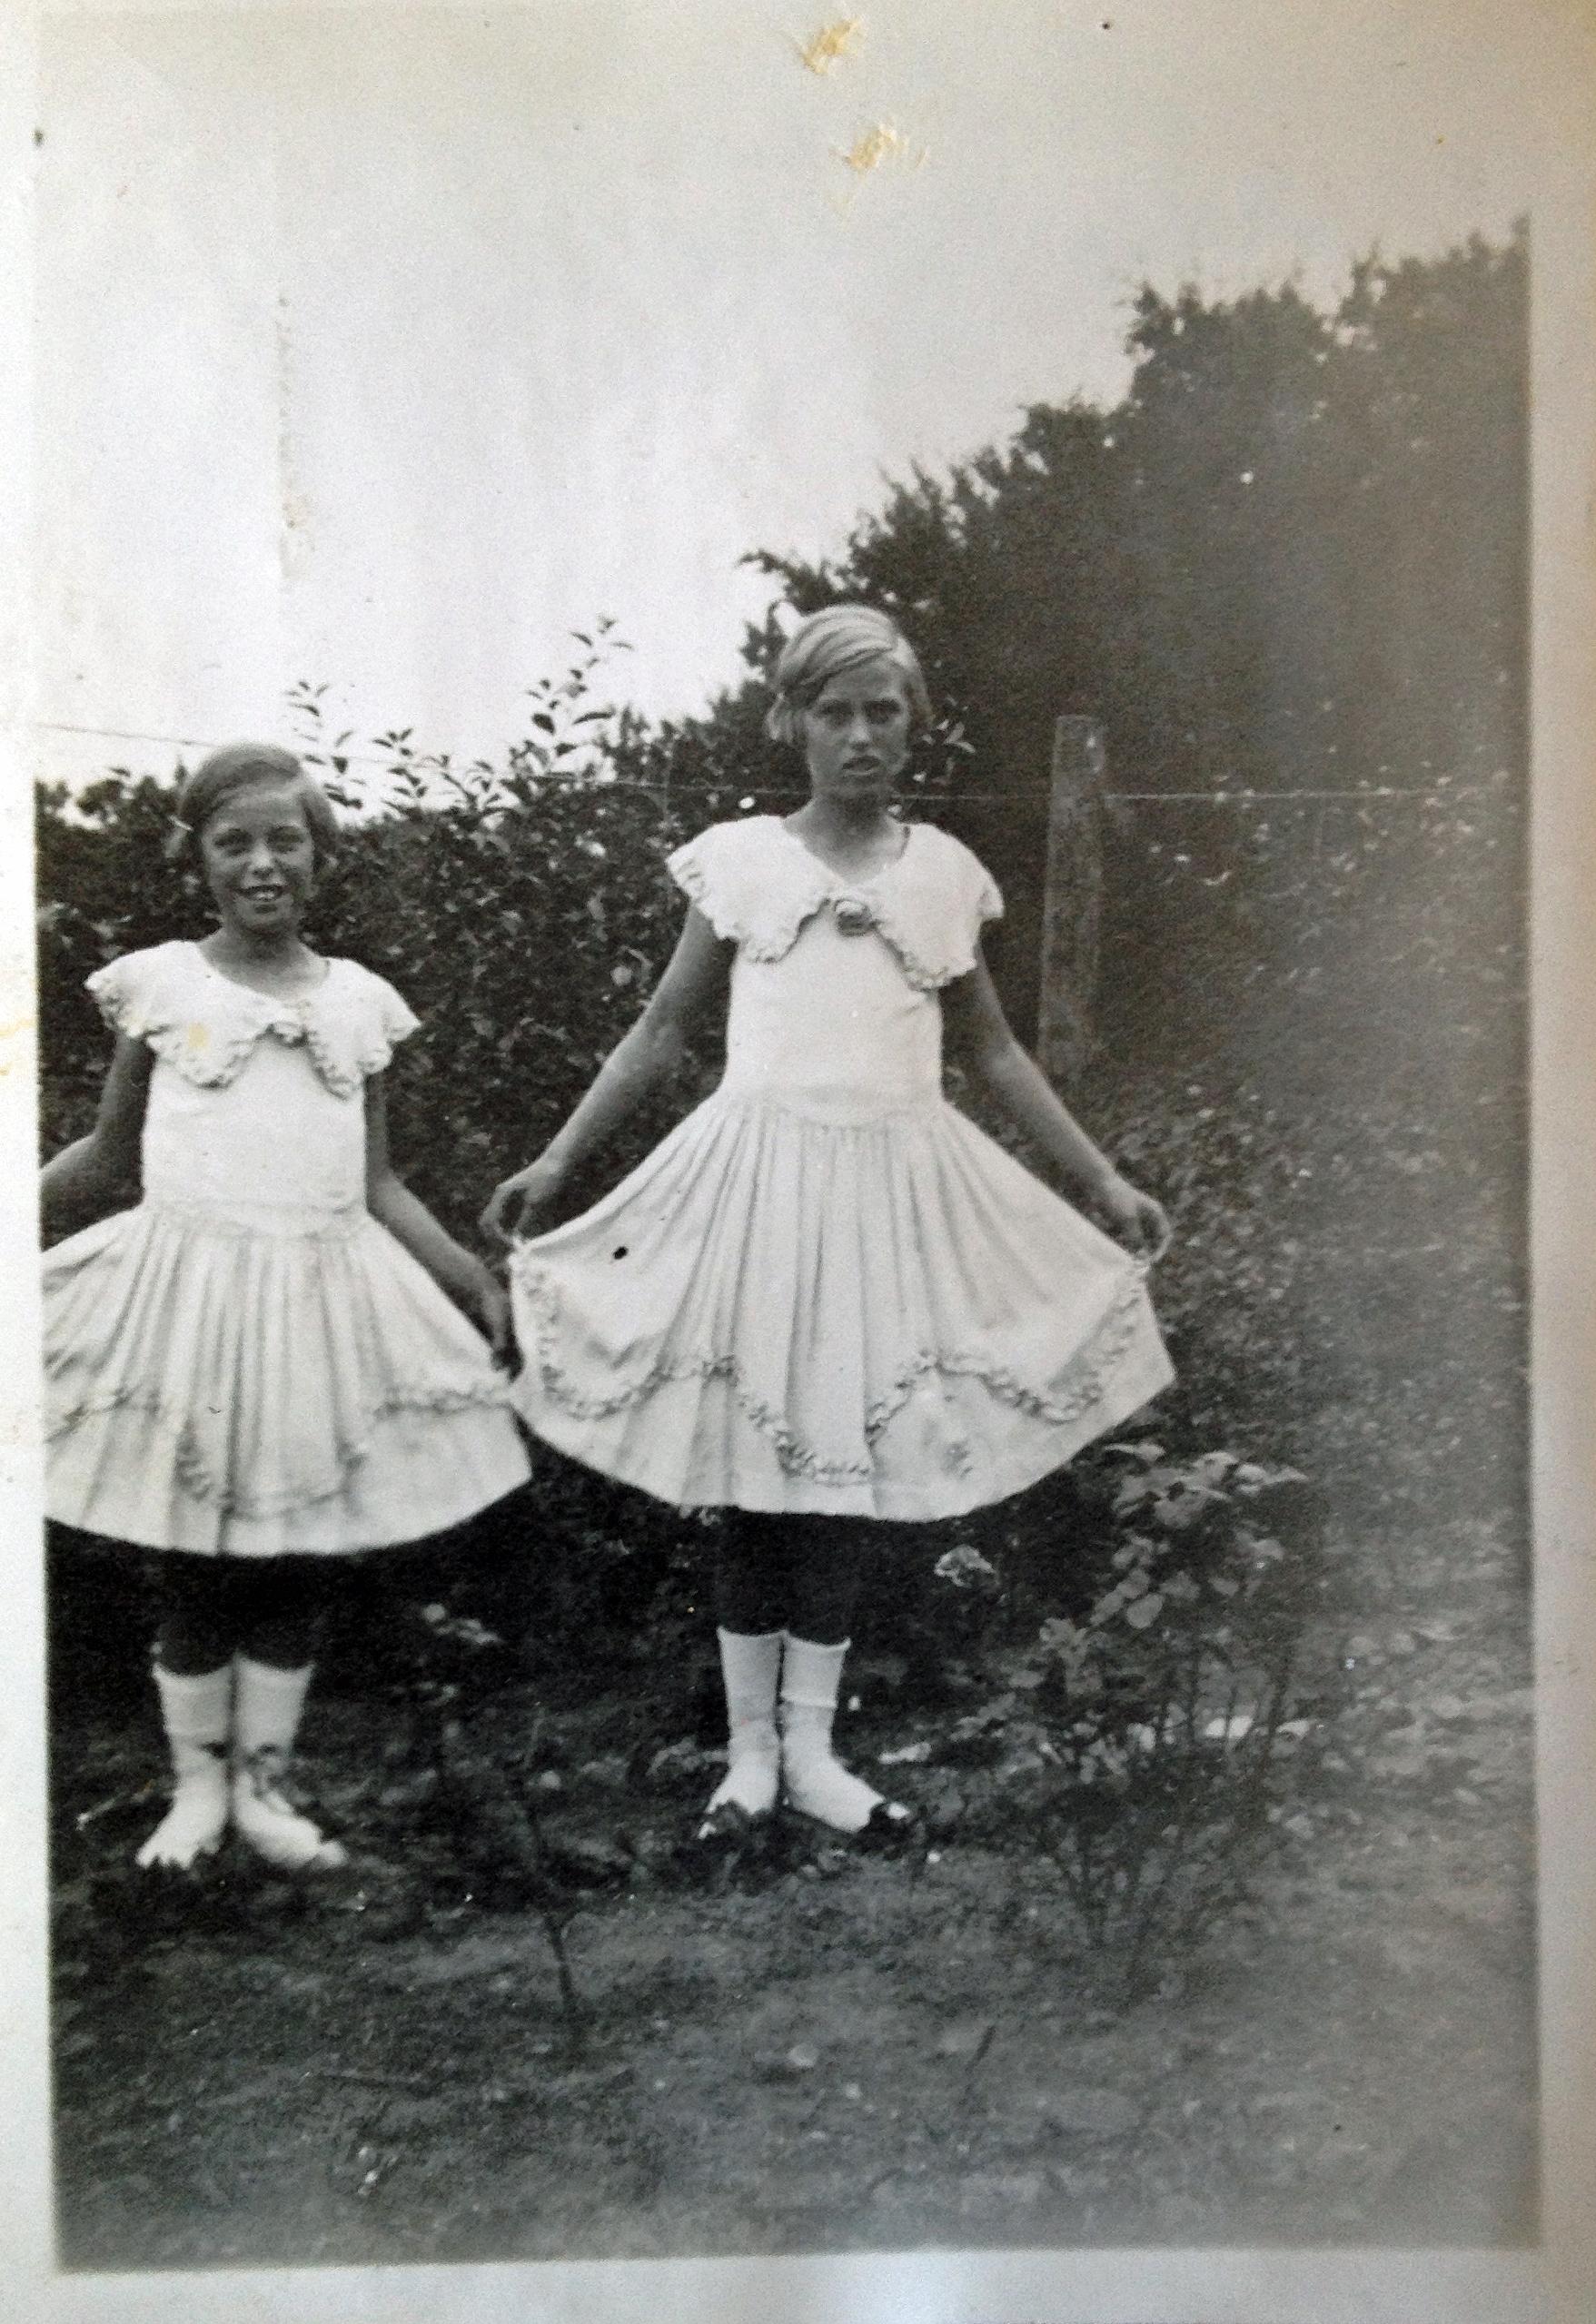 Ruth til venstre og Eva til højre med dansekjoler og sko